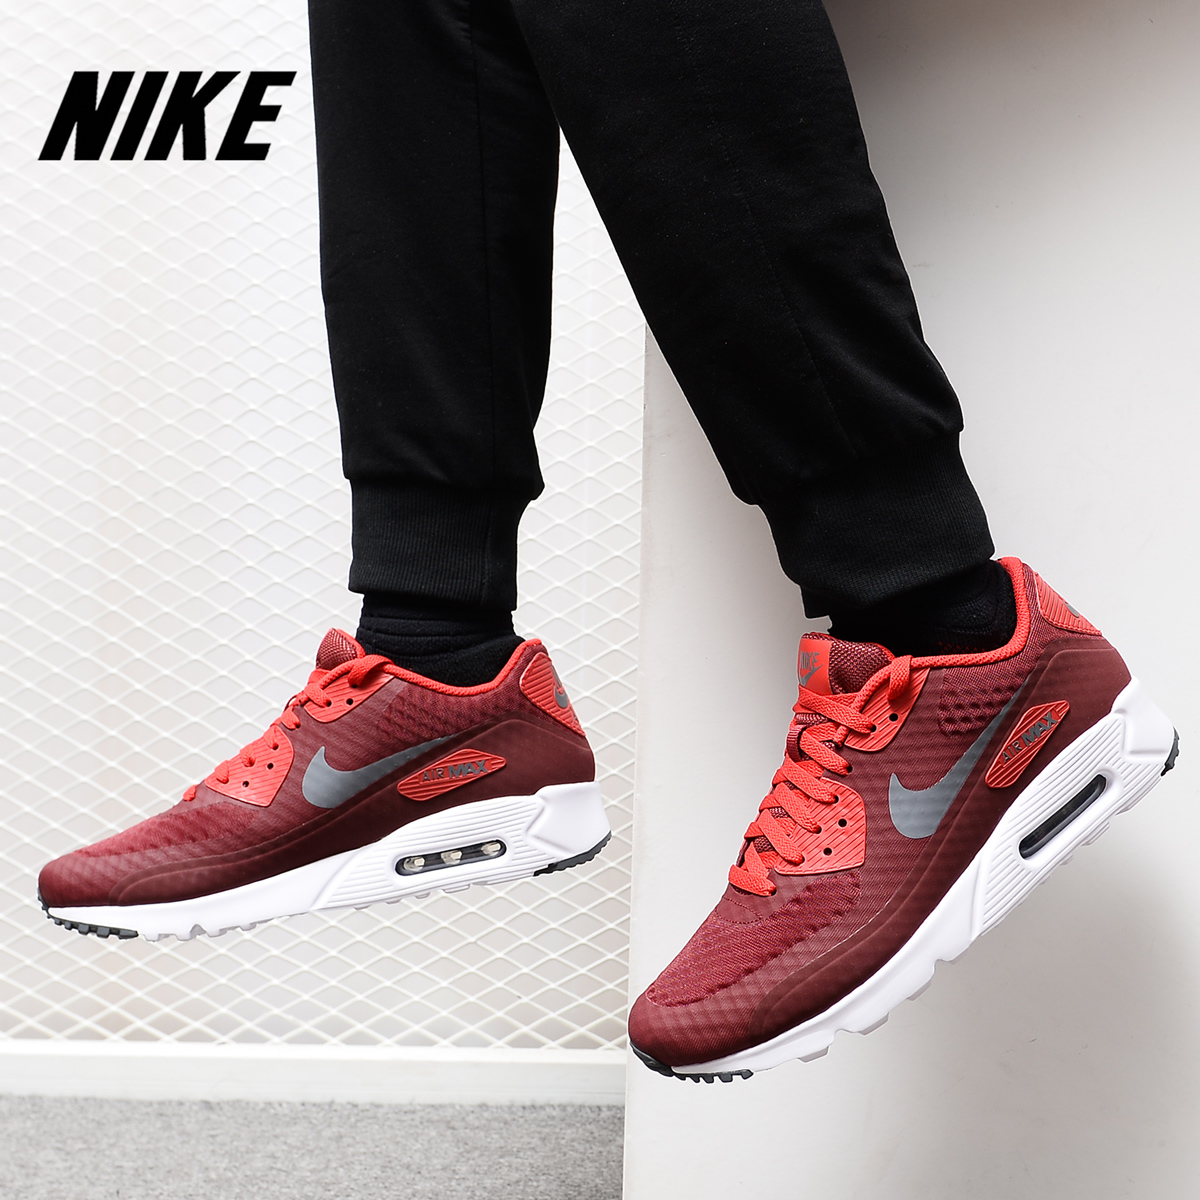 Nike/耐克正品2019新款 Air Max90 男子气垫休闲运动跑步鞋819474